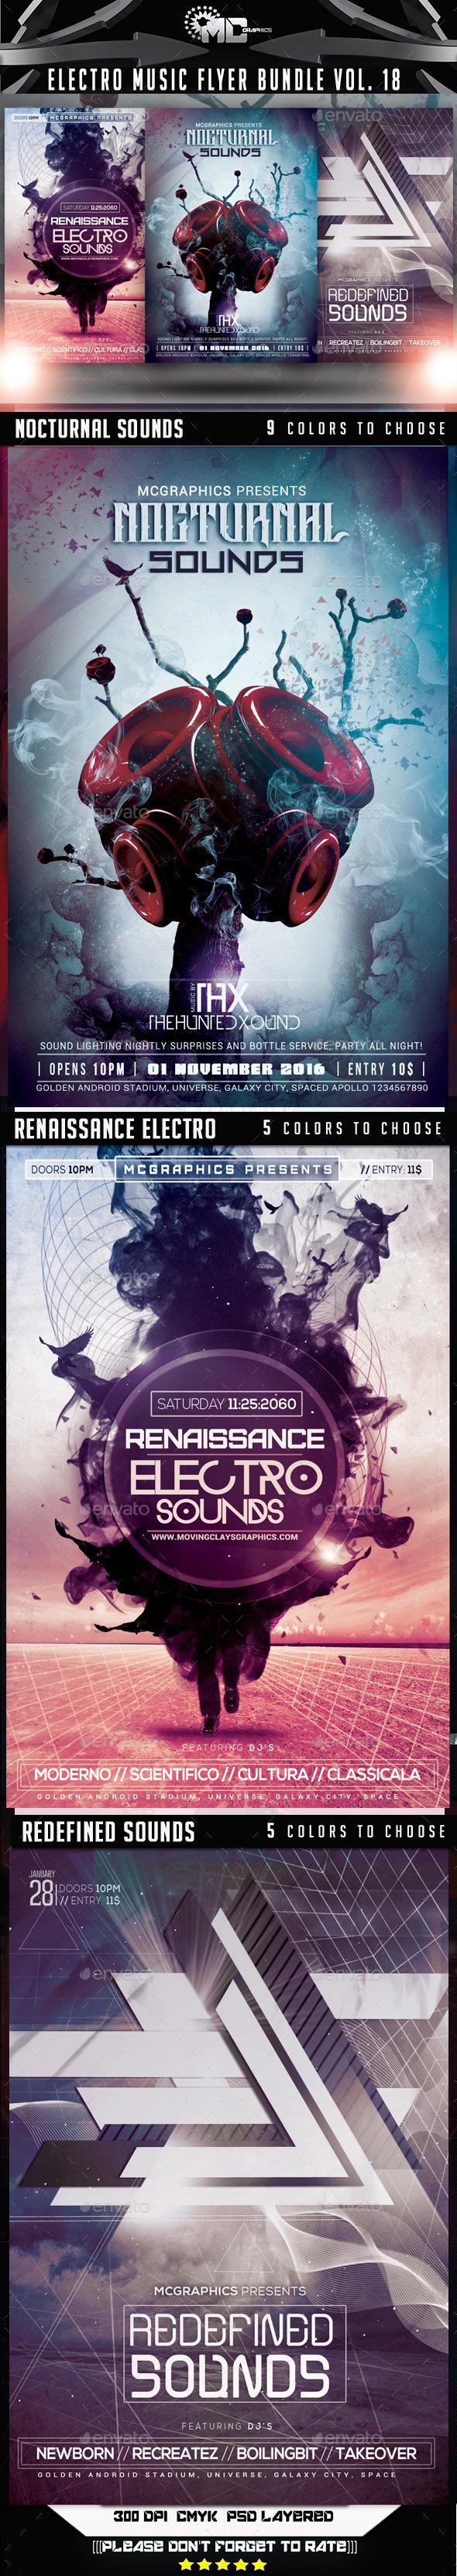 GraphicRiver Electro Music Flyer Bundle Vol.18 9072558